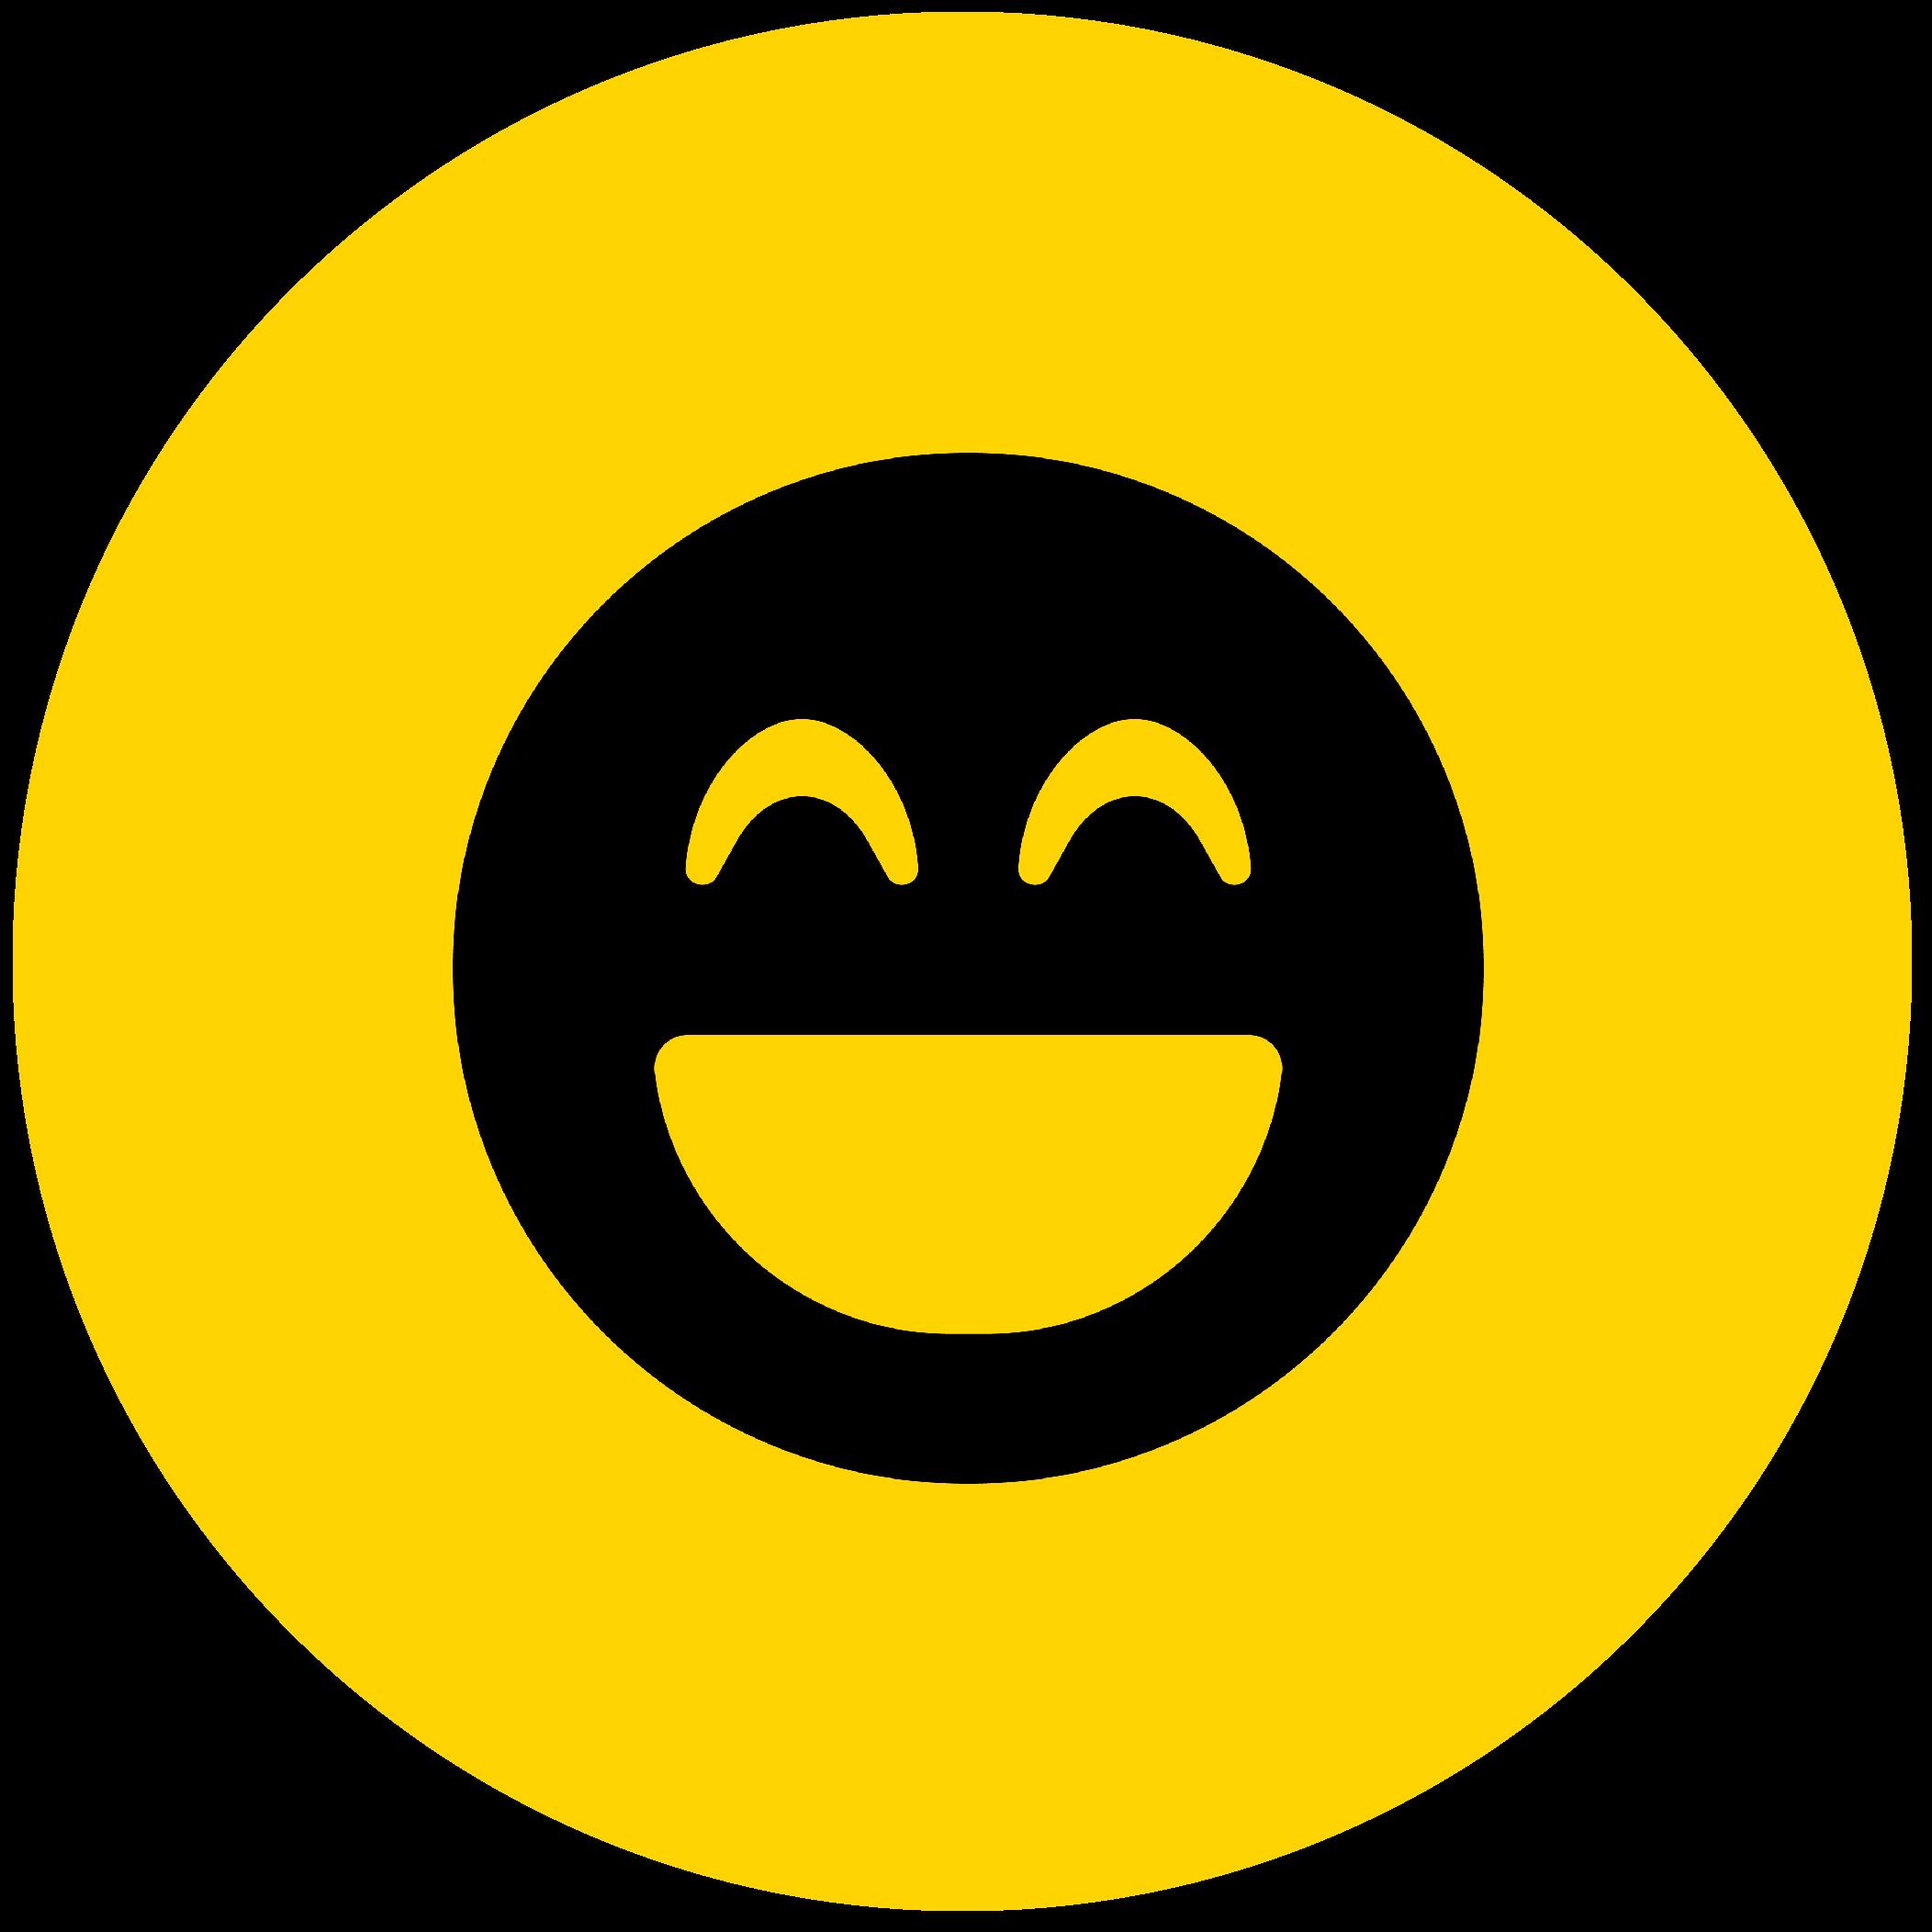 ikon med glad smiley